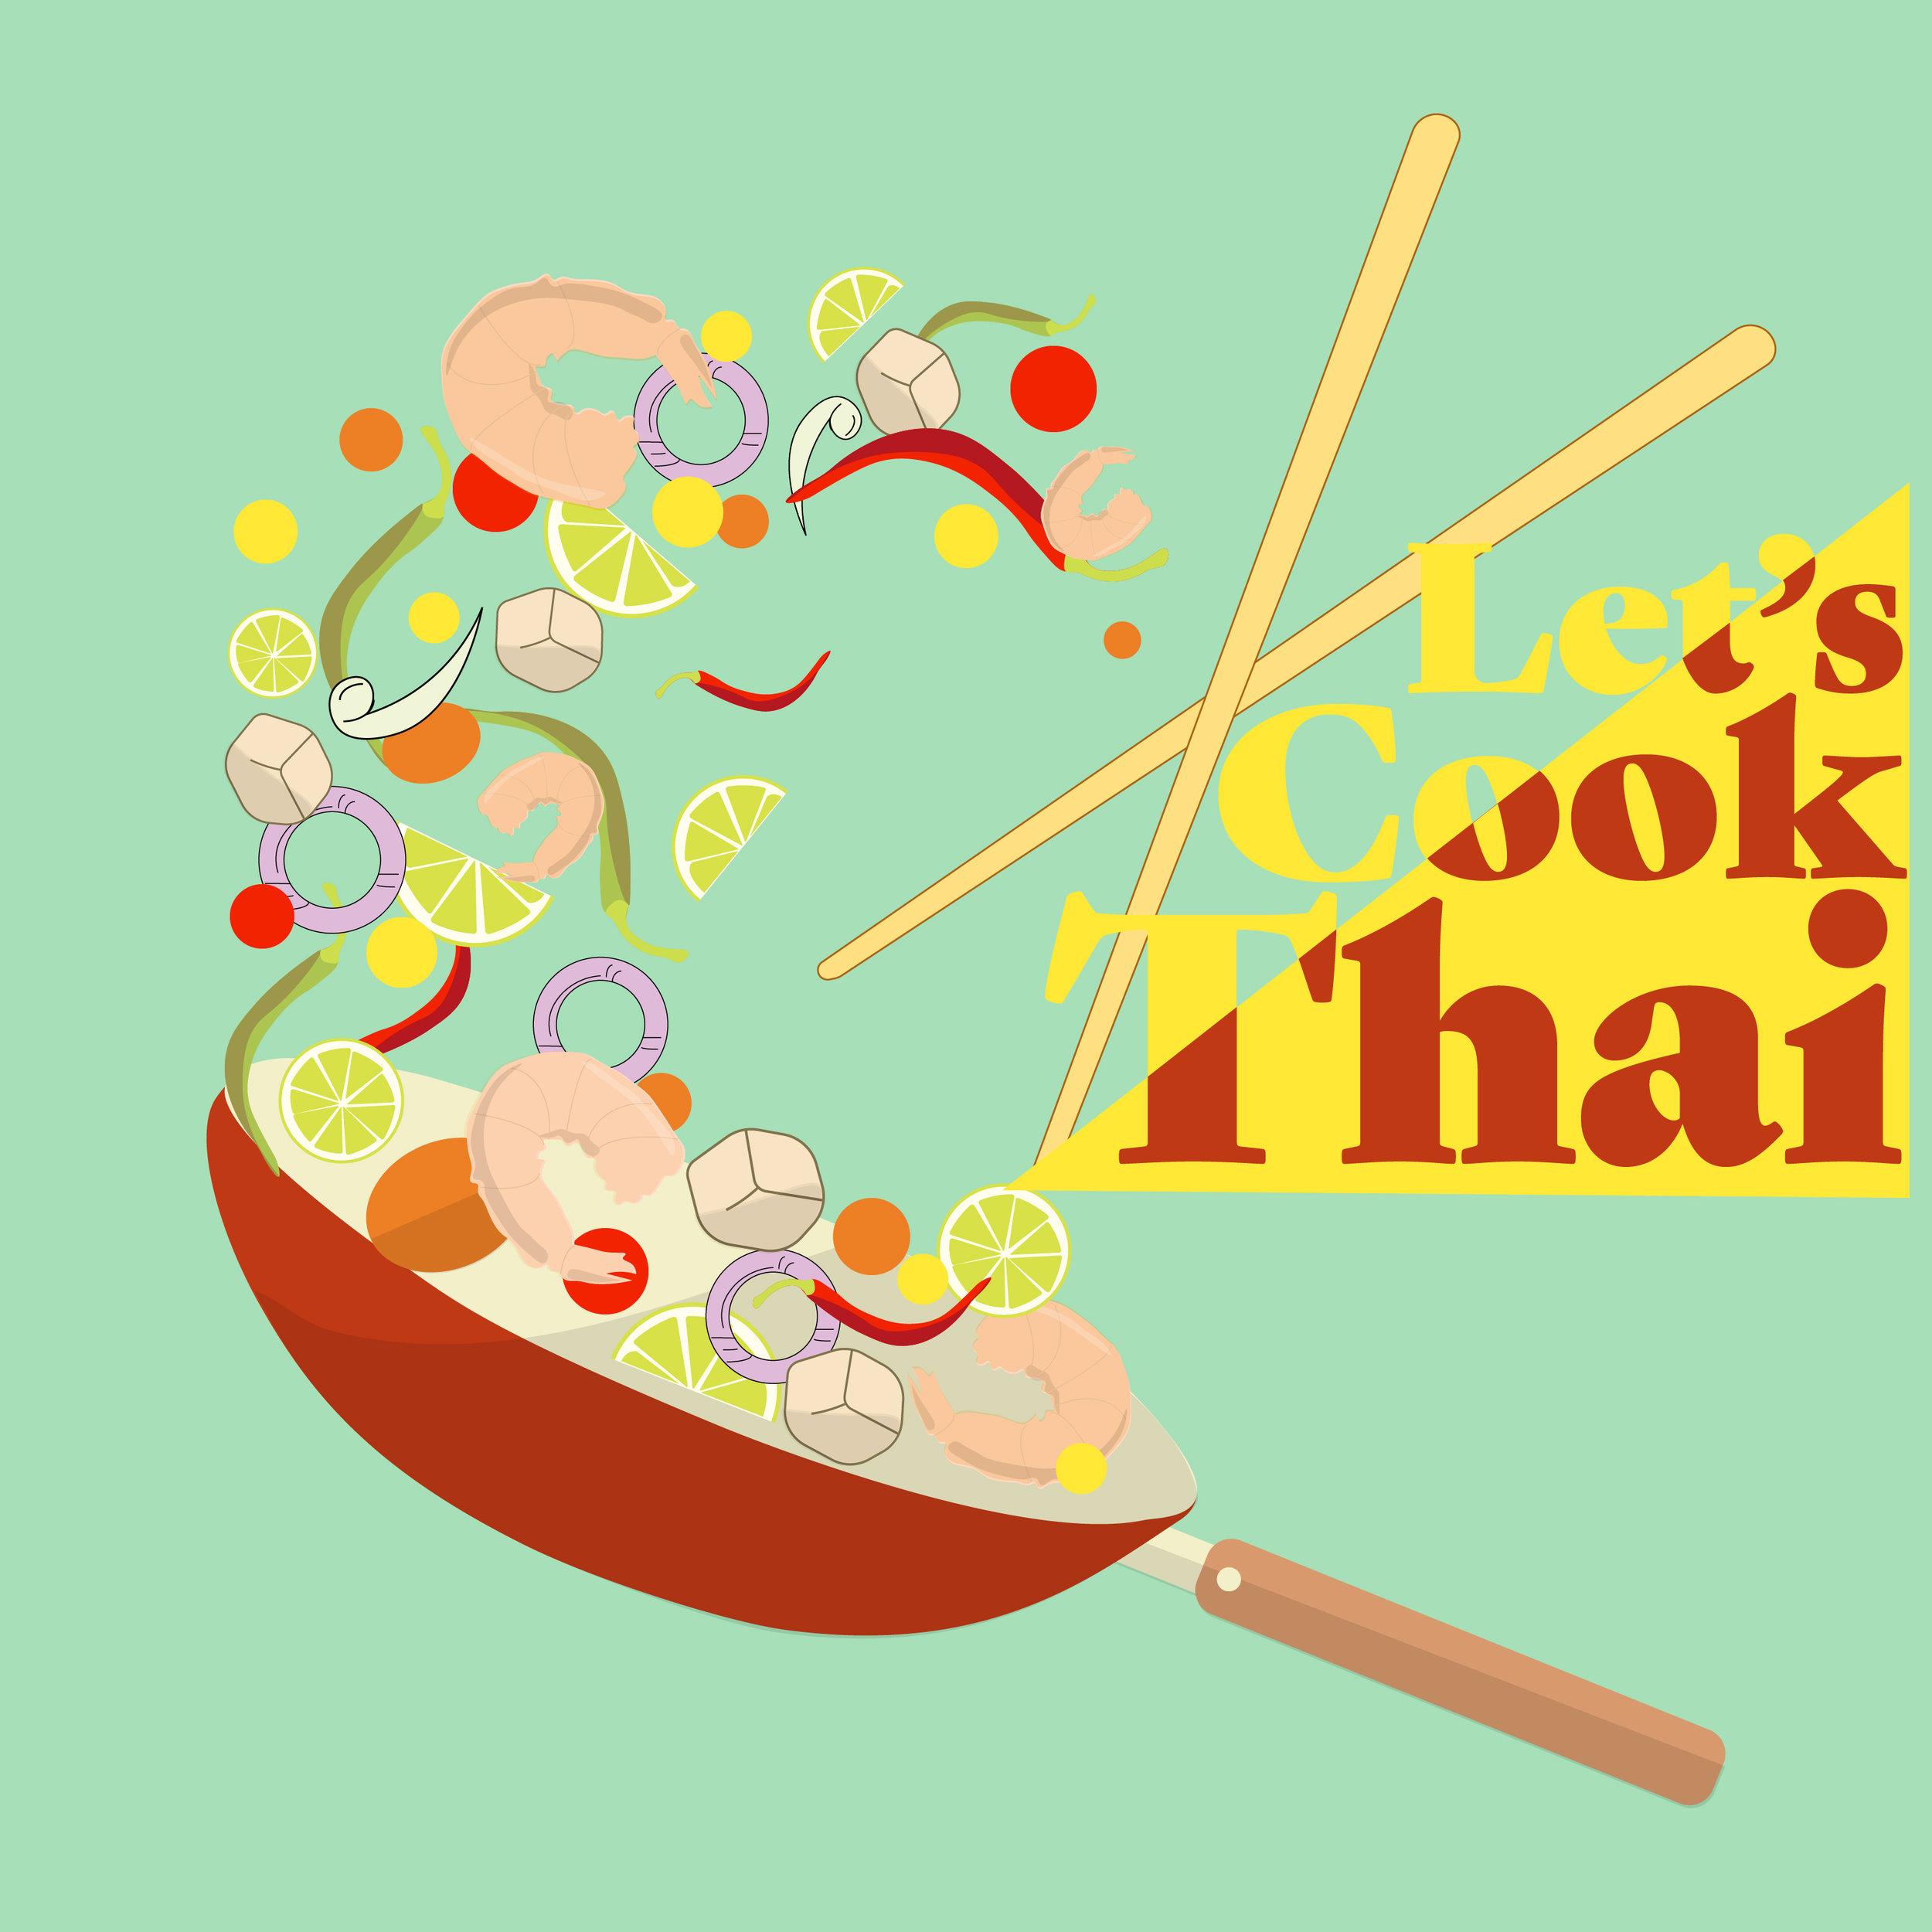 18 Thai Cooking Class.jpg